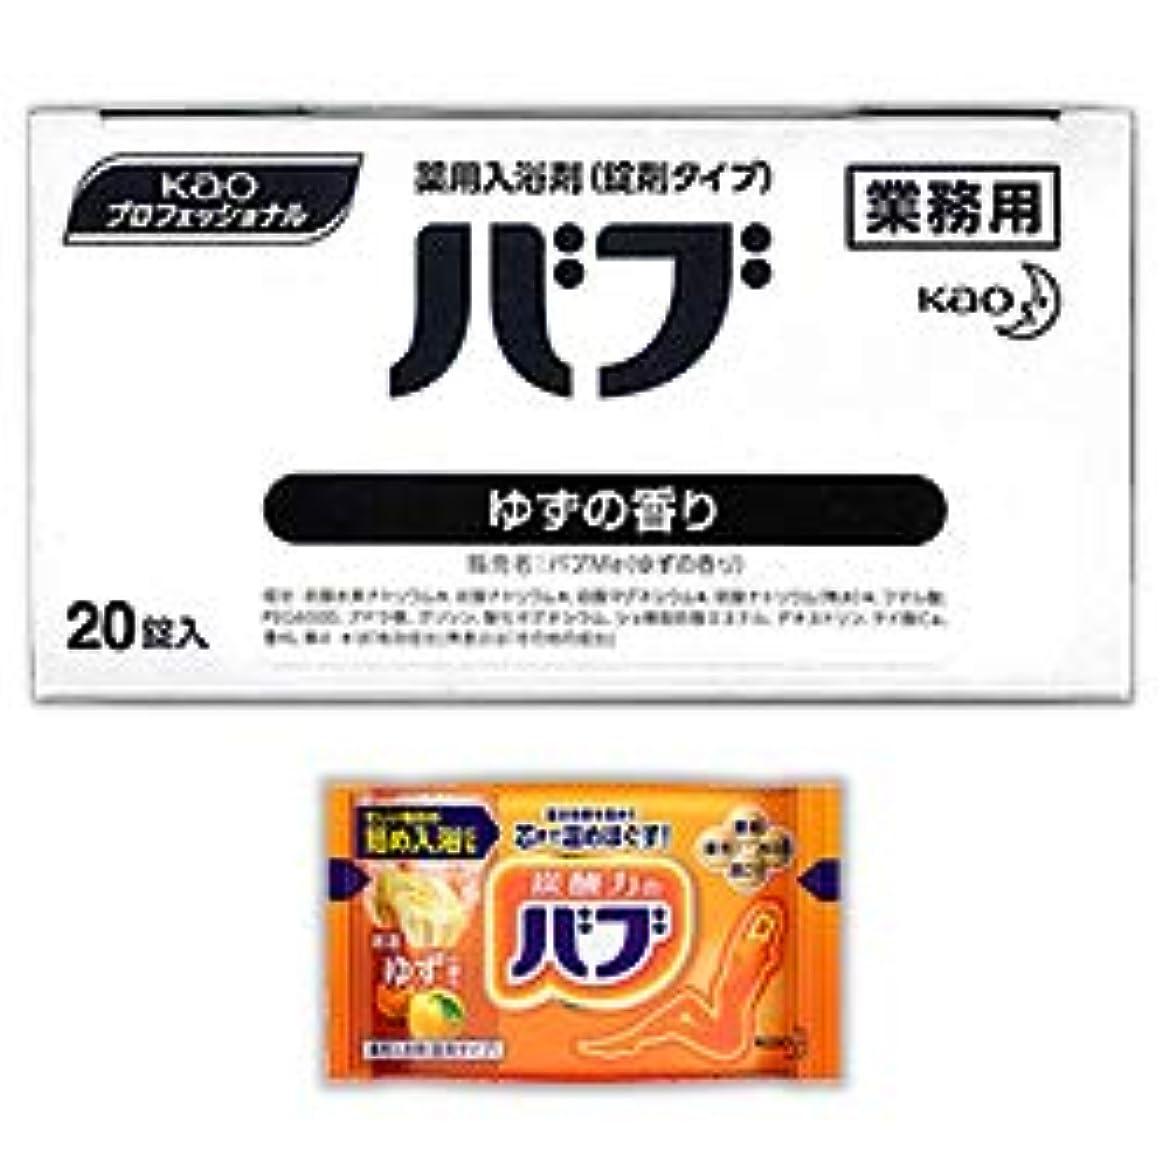 ピアニストお金ゴム代わりに【花王】Kaoプロフェッショナル バブ ゆずの香り(業務用) 40g×20錠入 ×3個セット